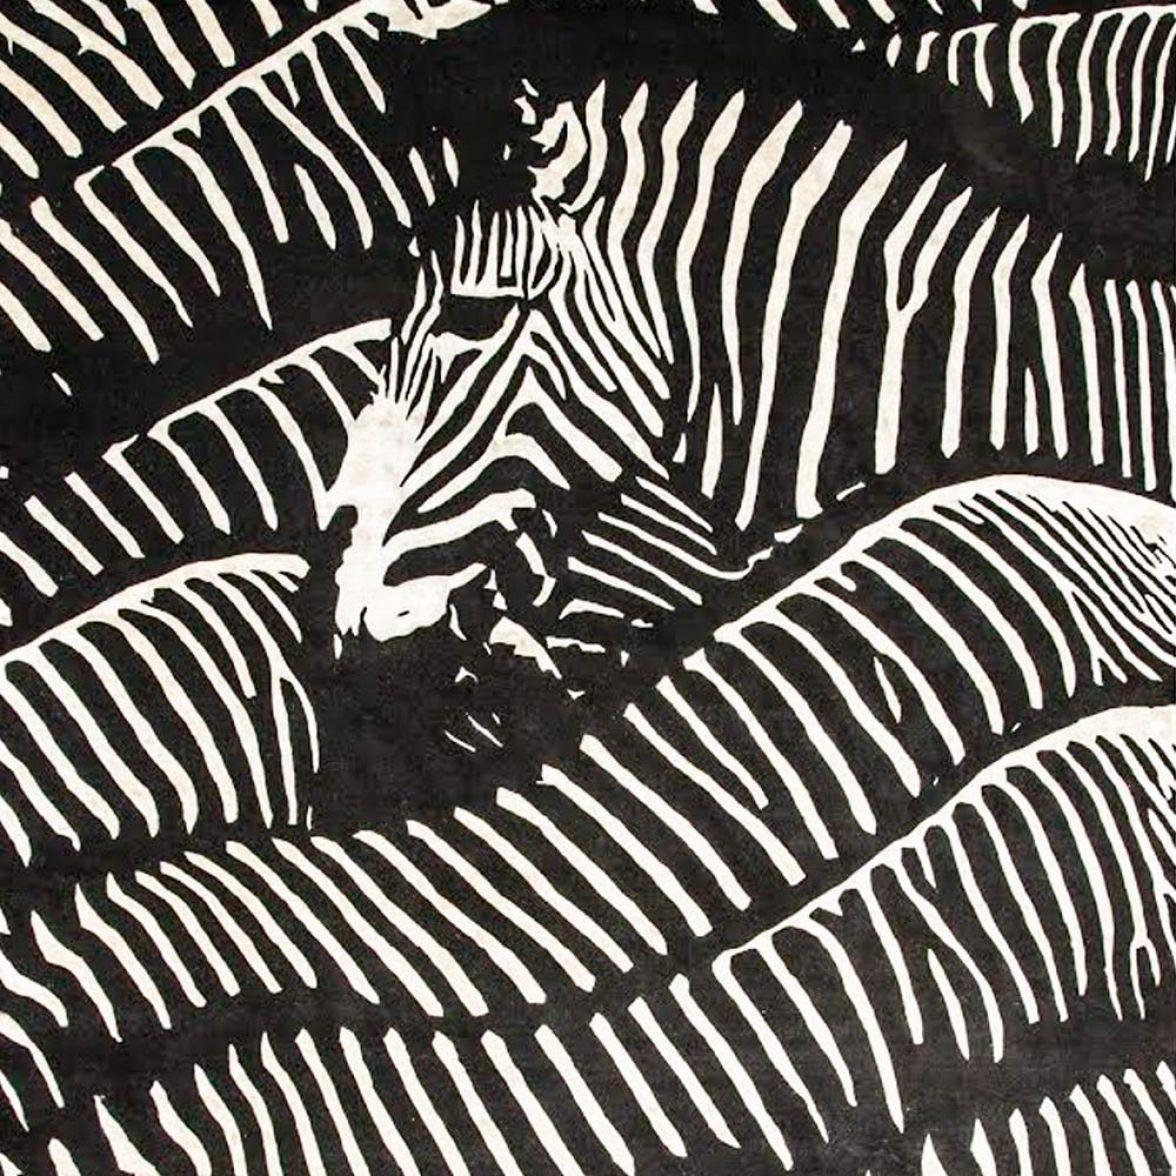 Zebra фото цена